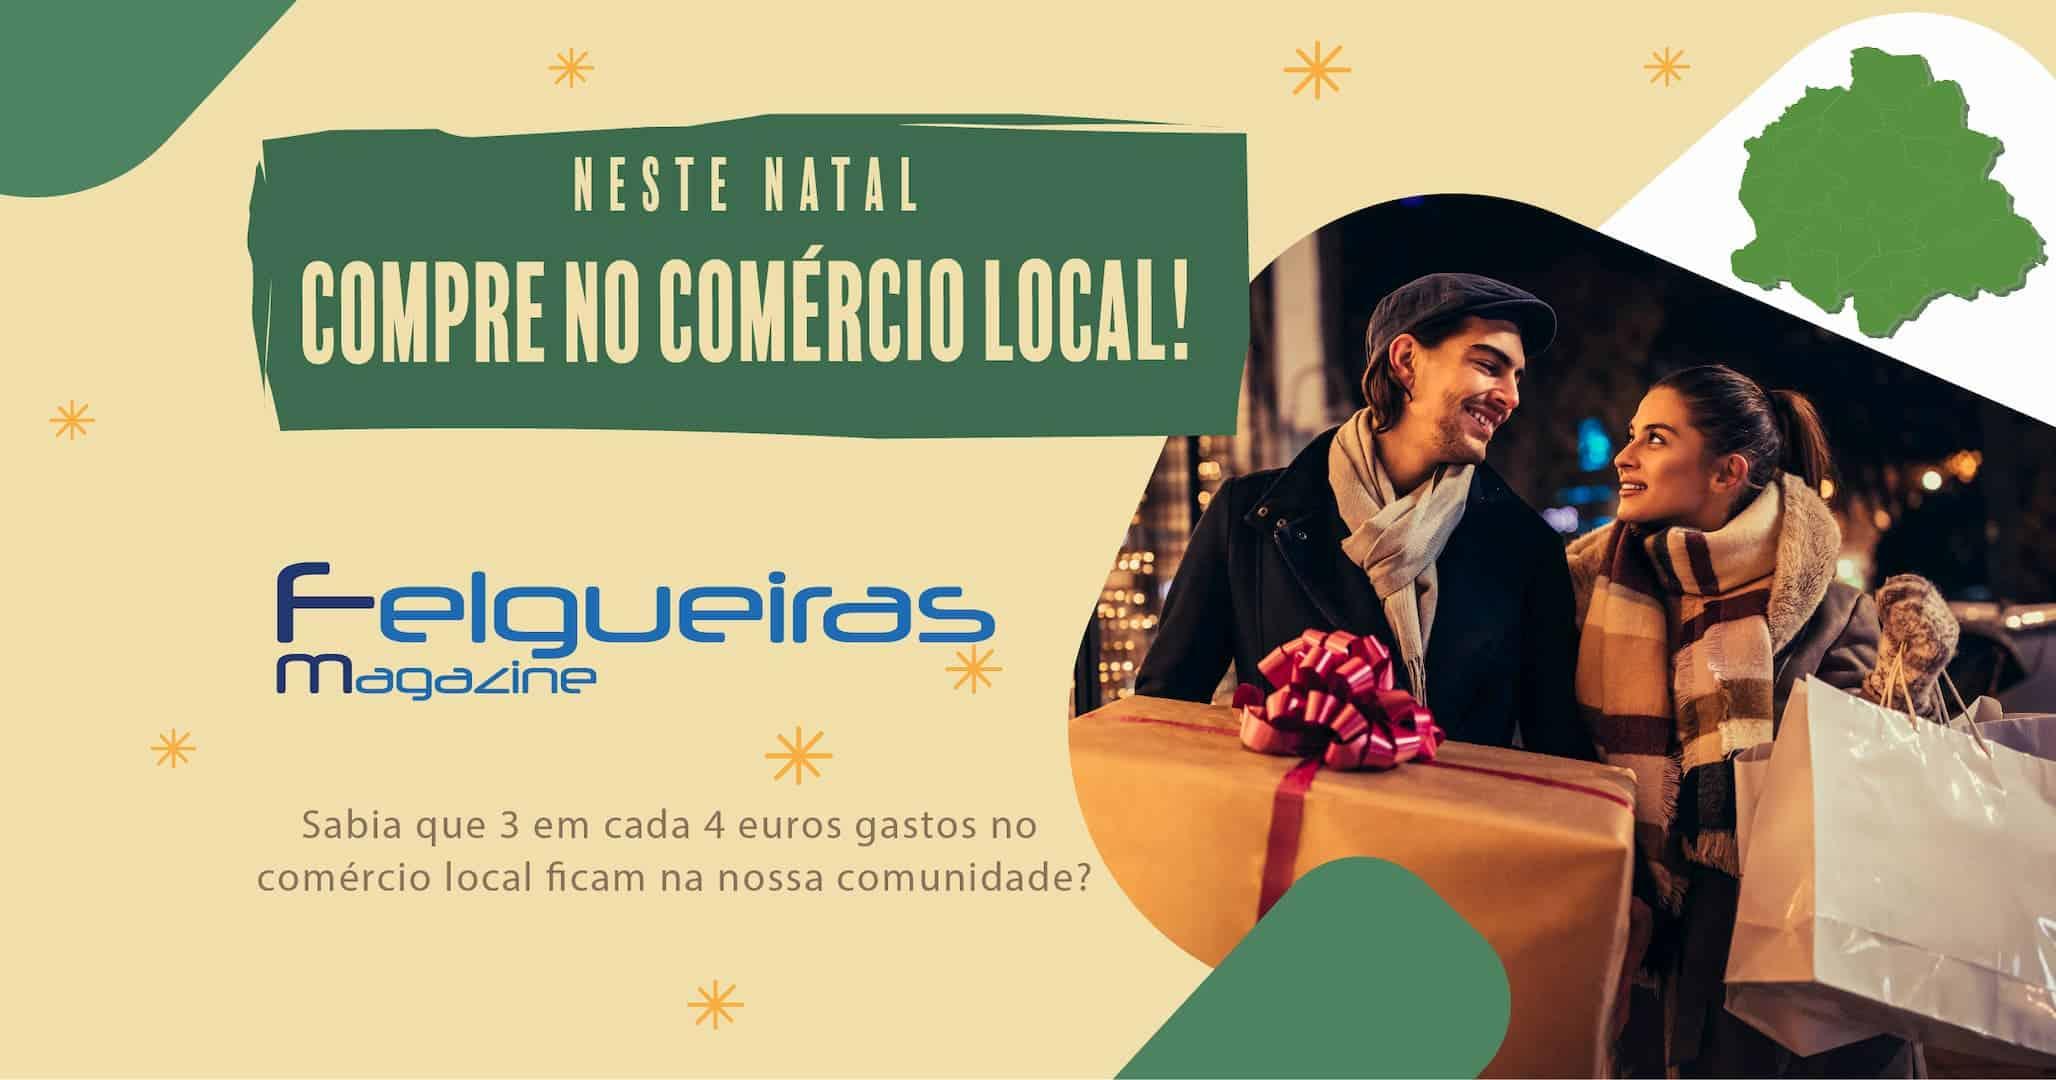 Promova o seu negócio no Felgueiras Magazine - notícia